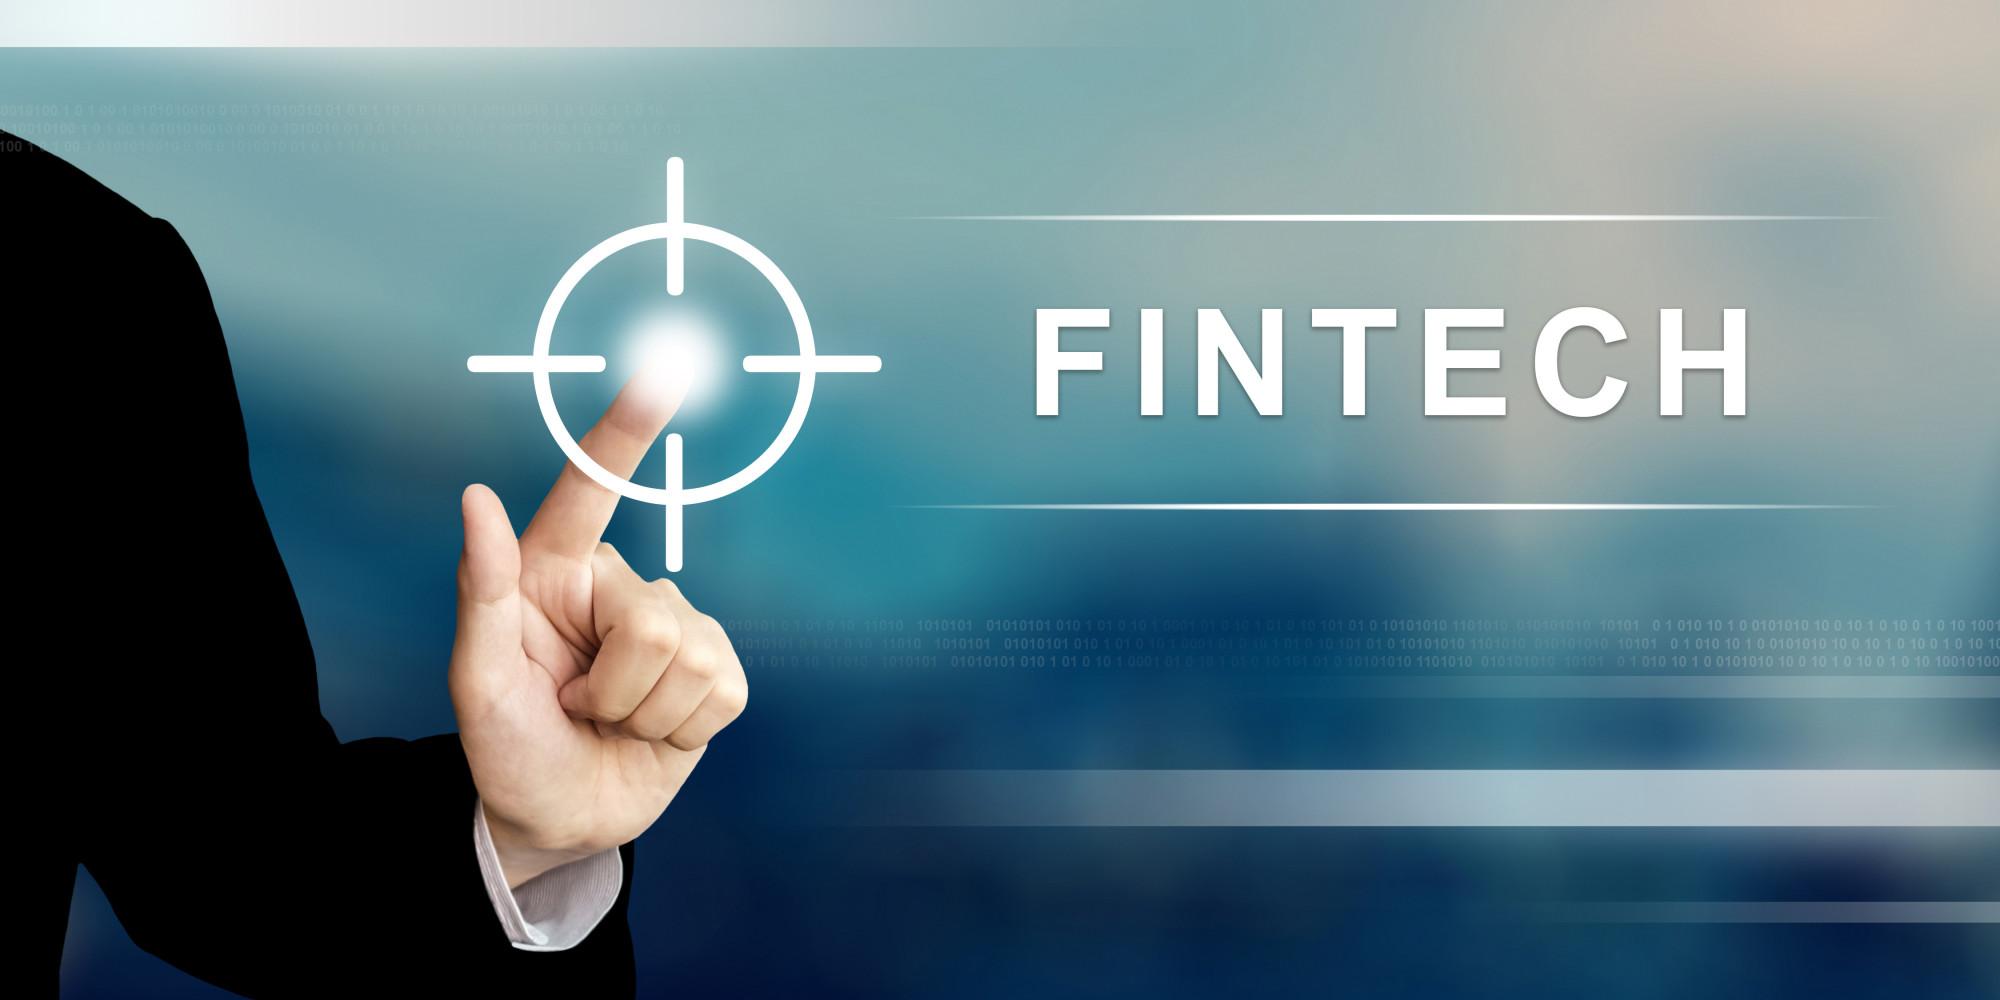 بانکها باید نقش پررنگتری در ارتباط با فین تک ها بازی کنند